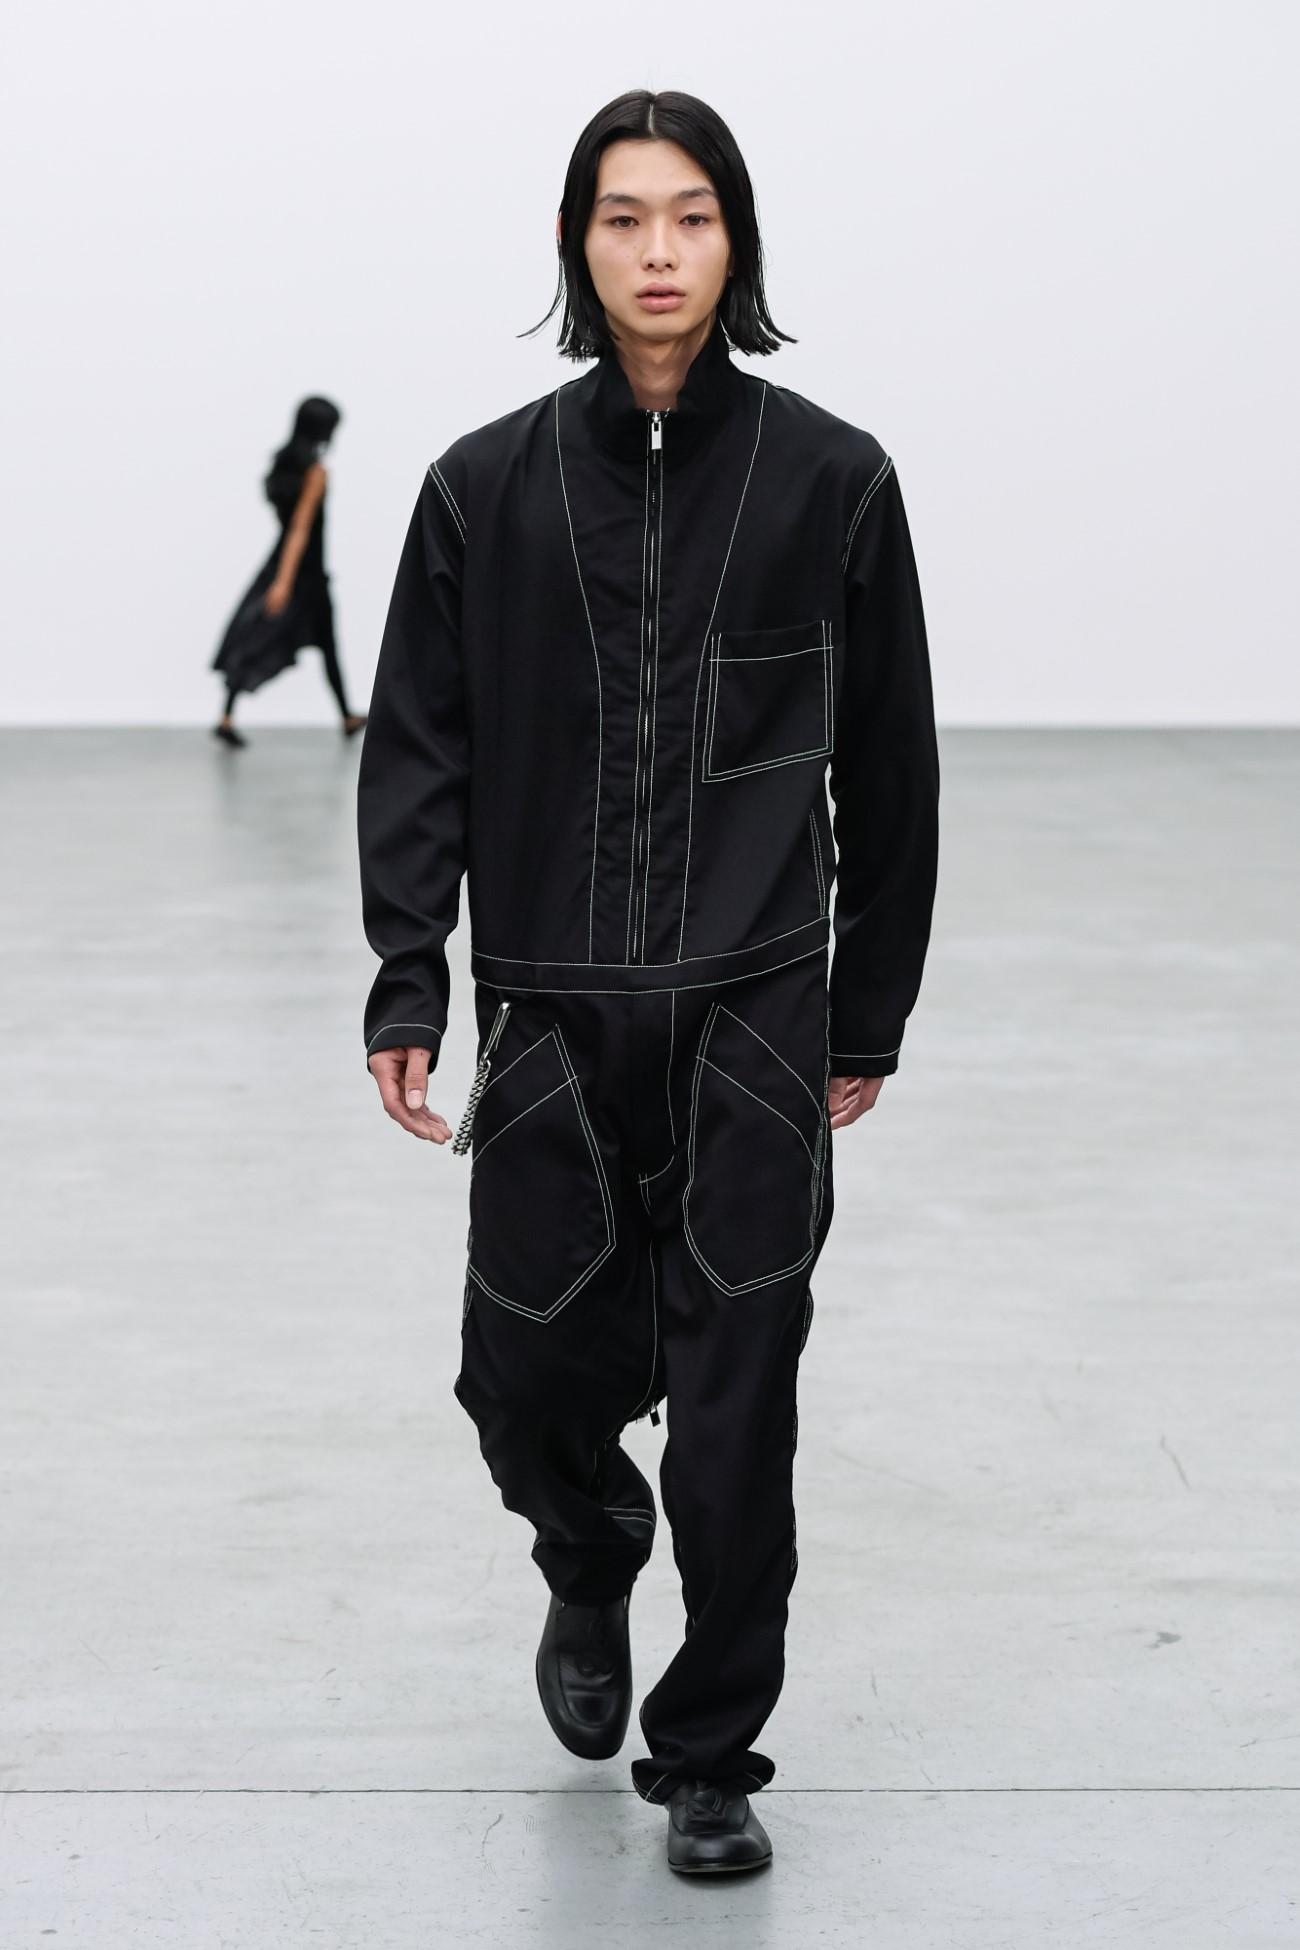 sulvam - Automne-Hiver 2021 - Paris Fashion Week